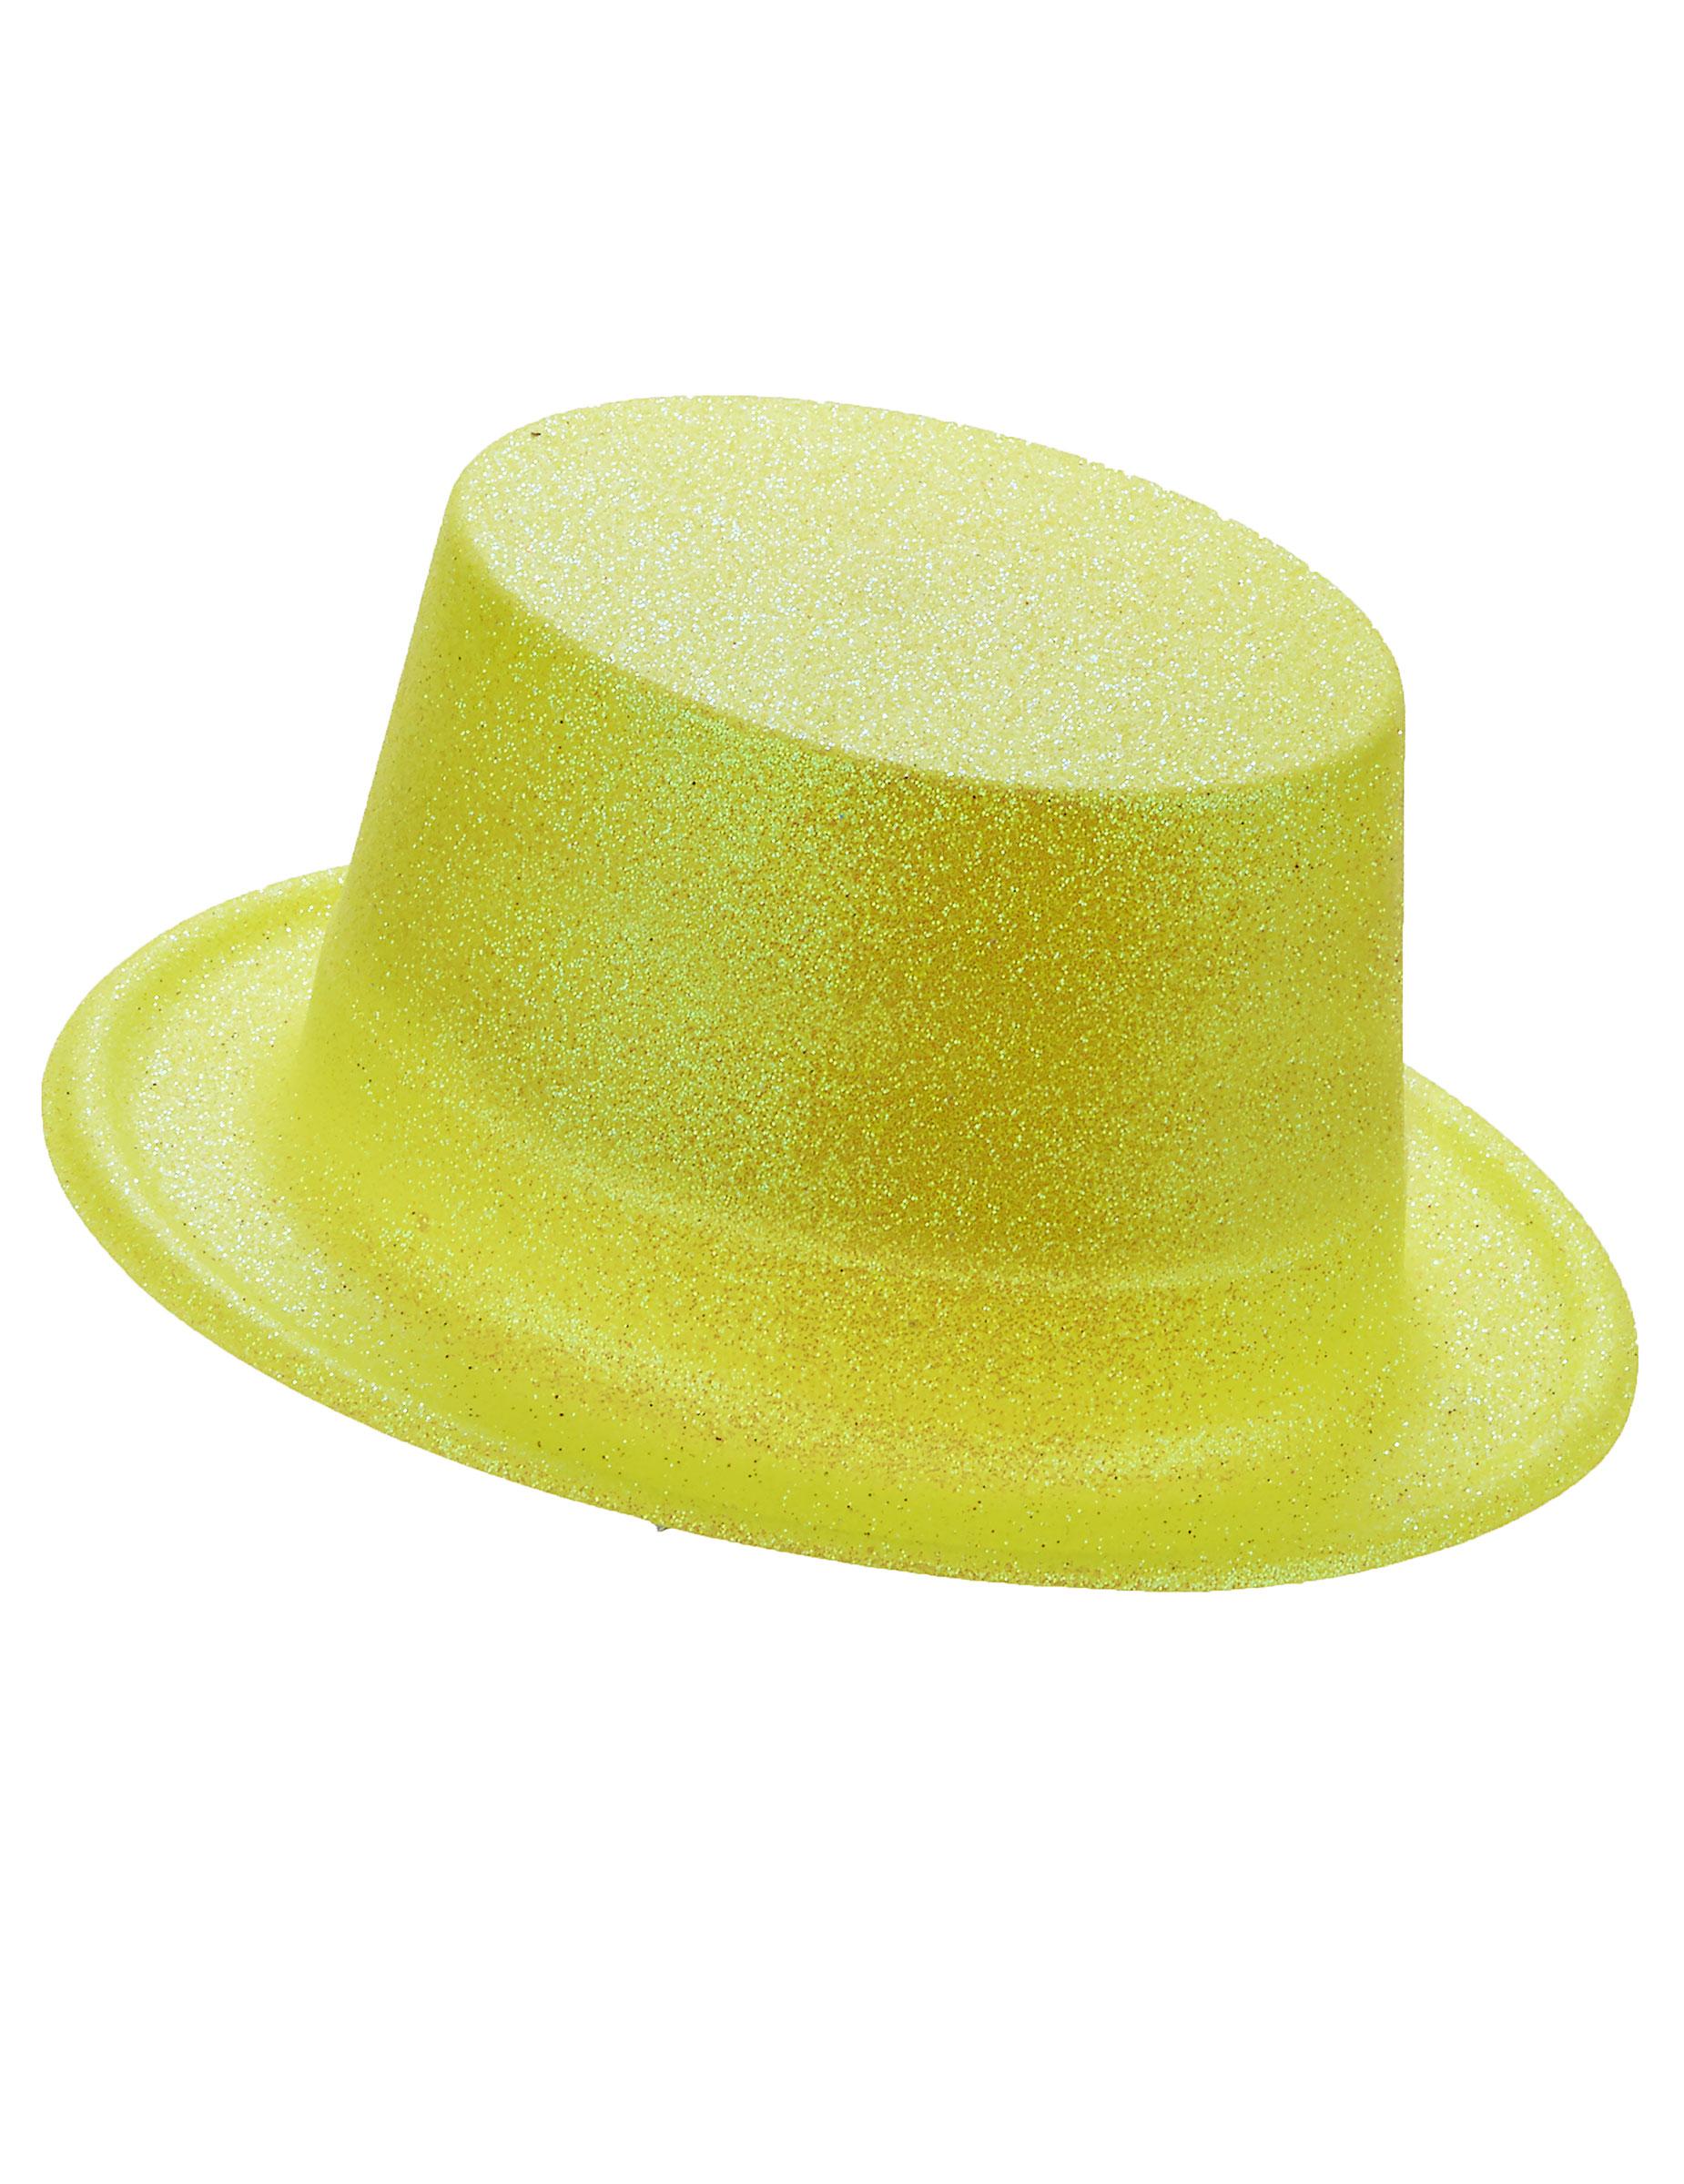 Sombrero de copa de plástico con brillantina amarilllo adulto ... 0d8b4eda8db